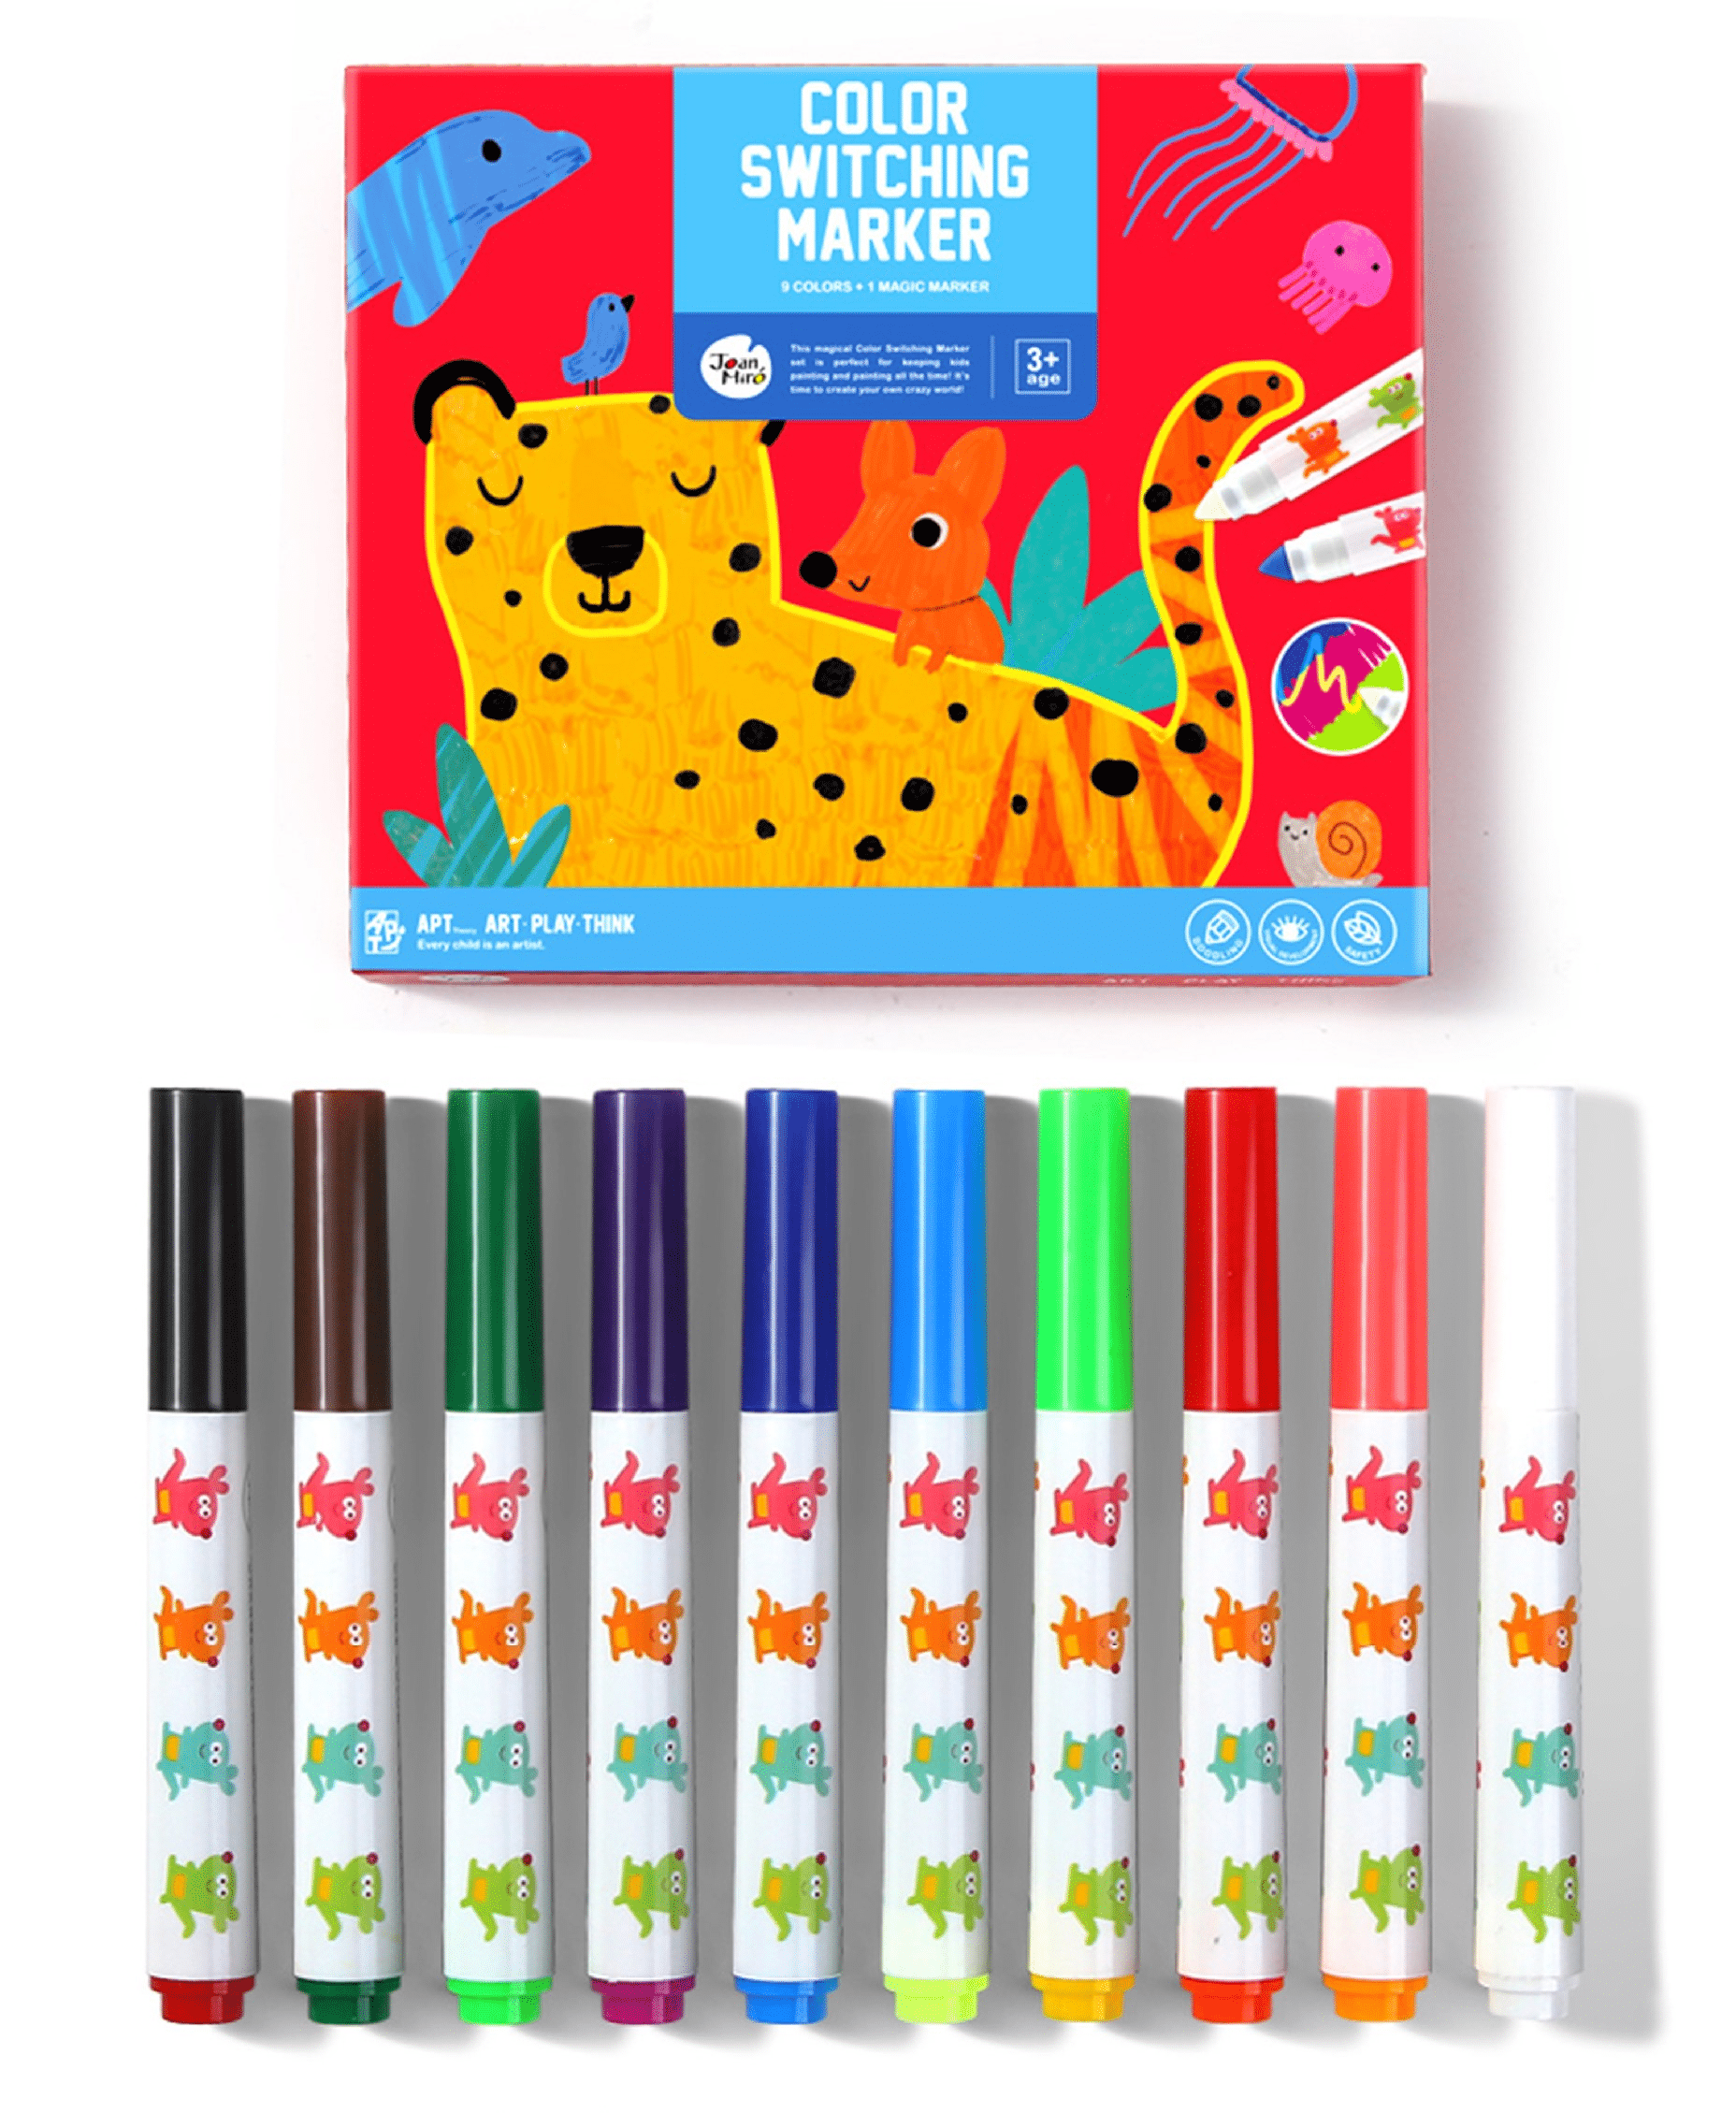 ปากกามาร์คเกอร์เปลี่ยนสีได้แสนมหัศจรรย์ Joan Miro Color Switching Markers